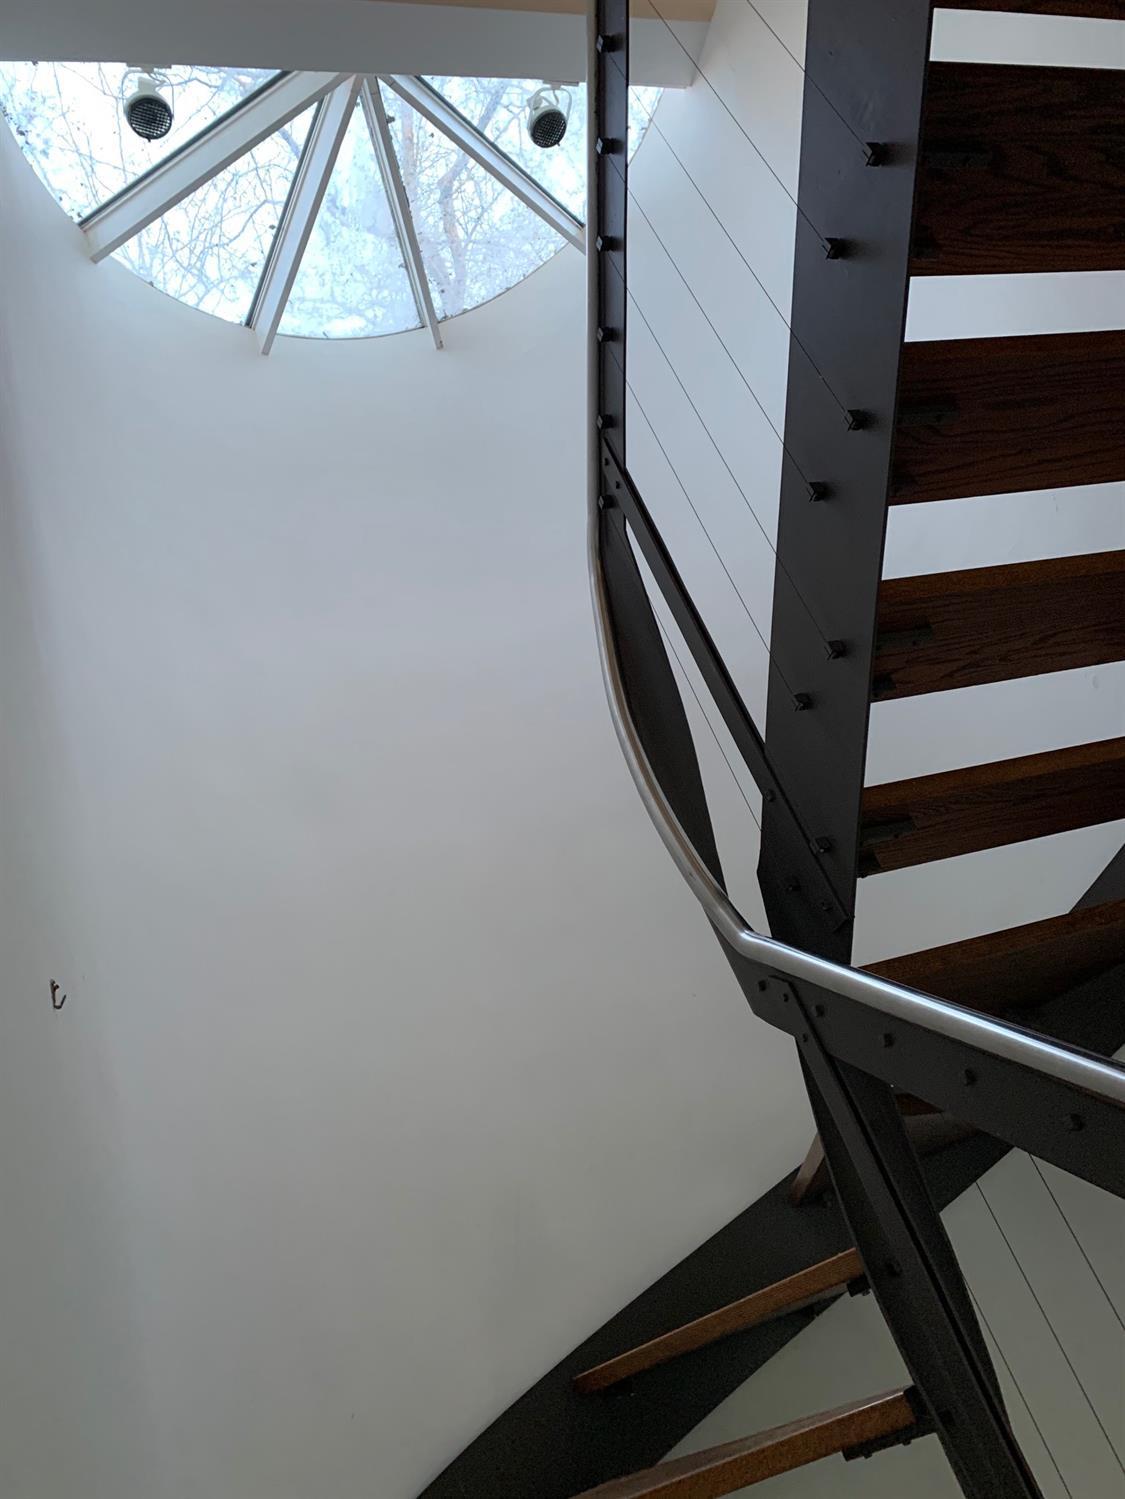 Stairway skylight detail.